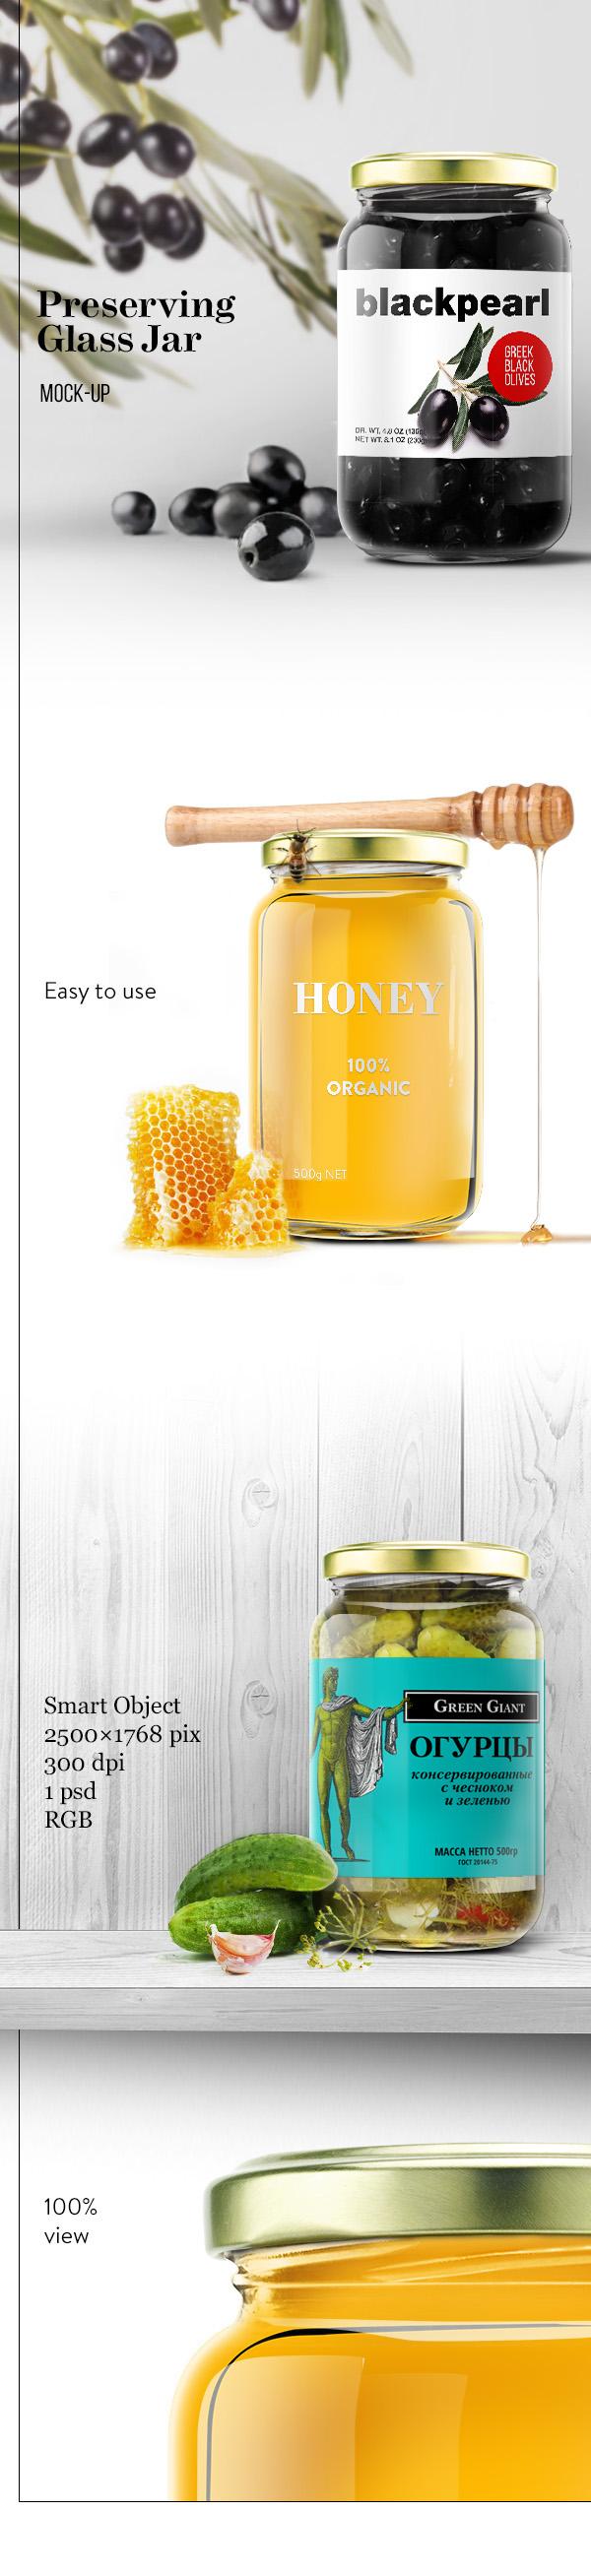 мокап банка стеклянная консервирование psd бесплатно Free мед варенье